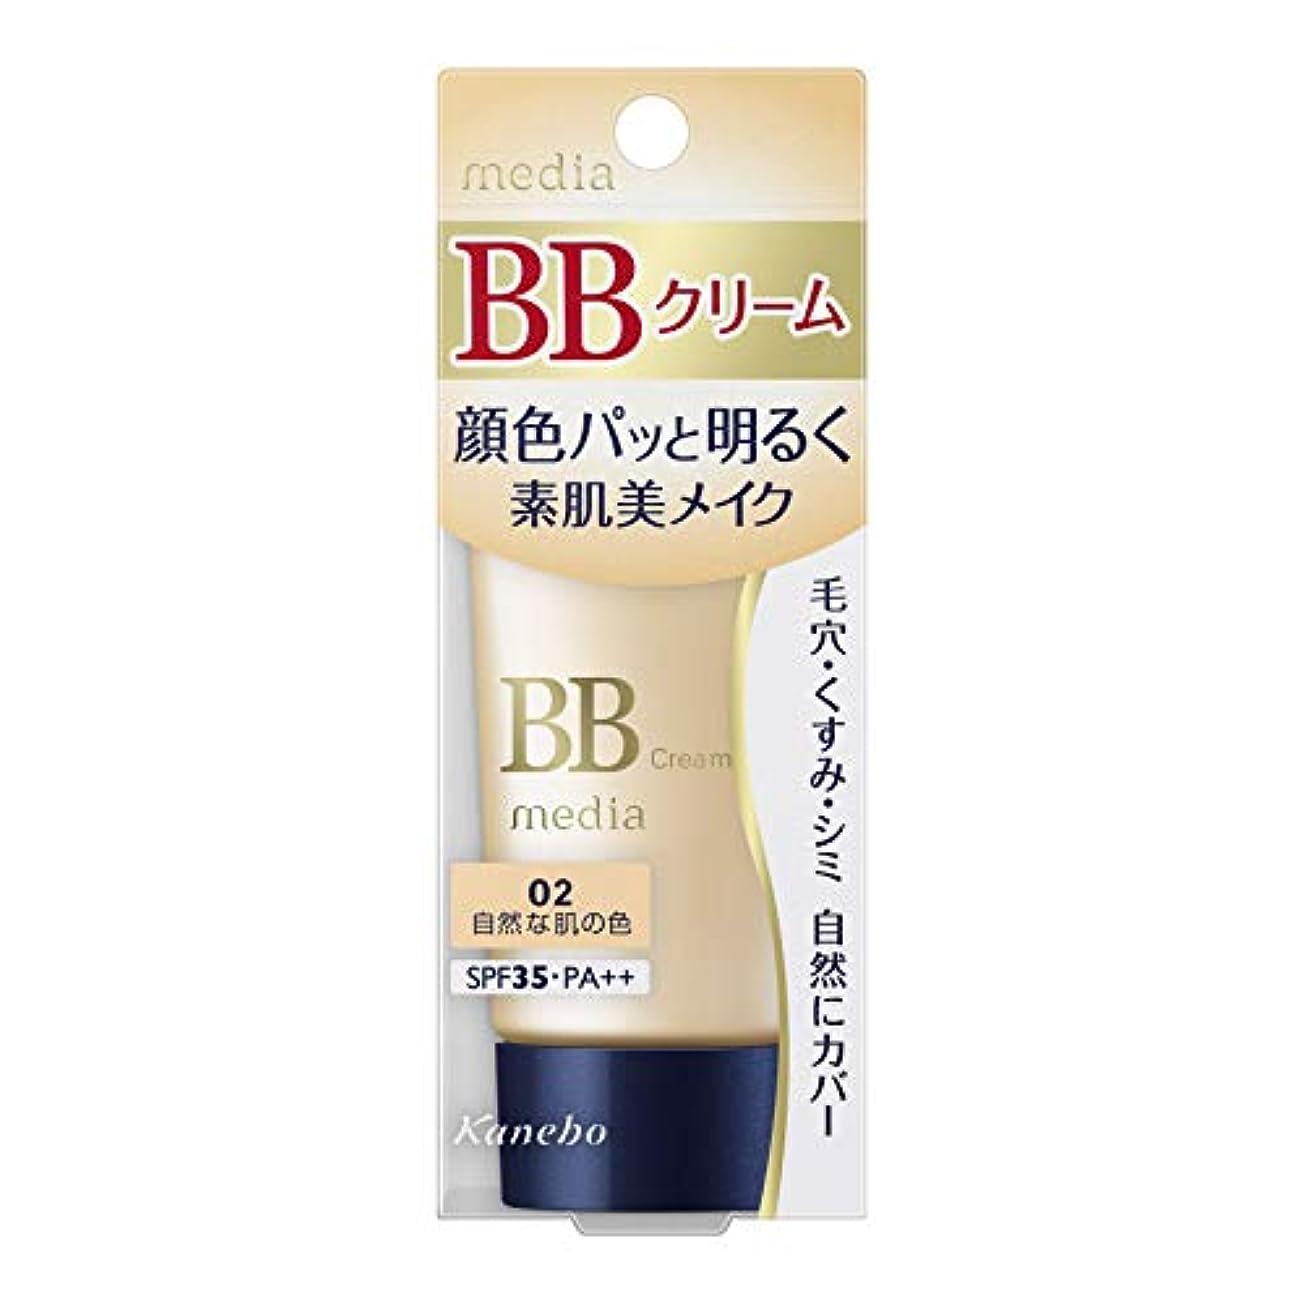 光沢のある適応的背の高いカネボウ化粧品 メディア BBクリームS 02 35g